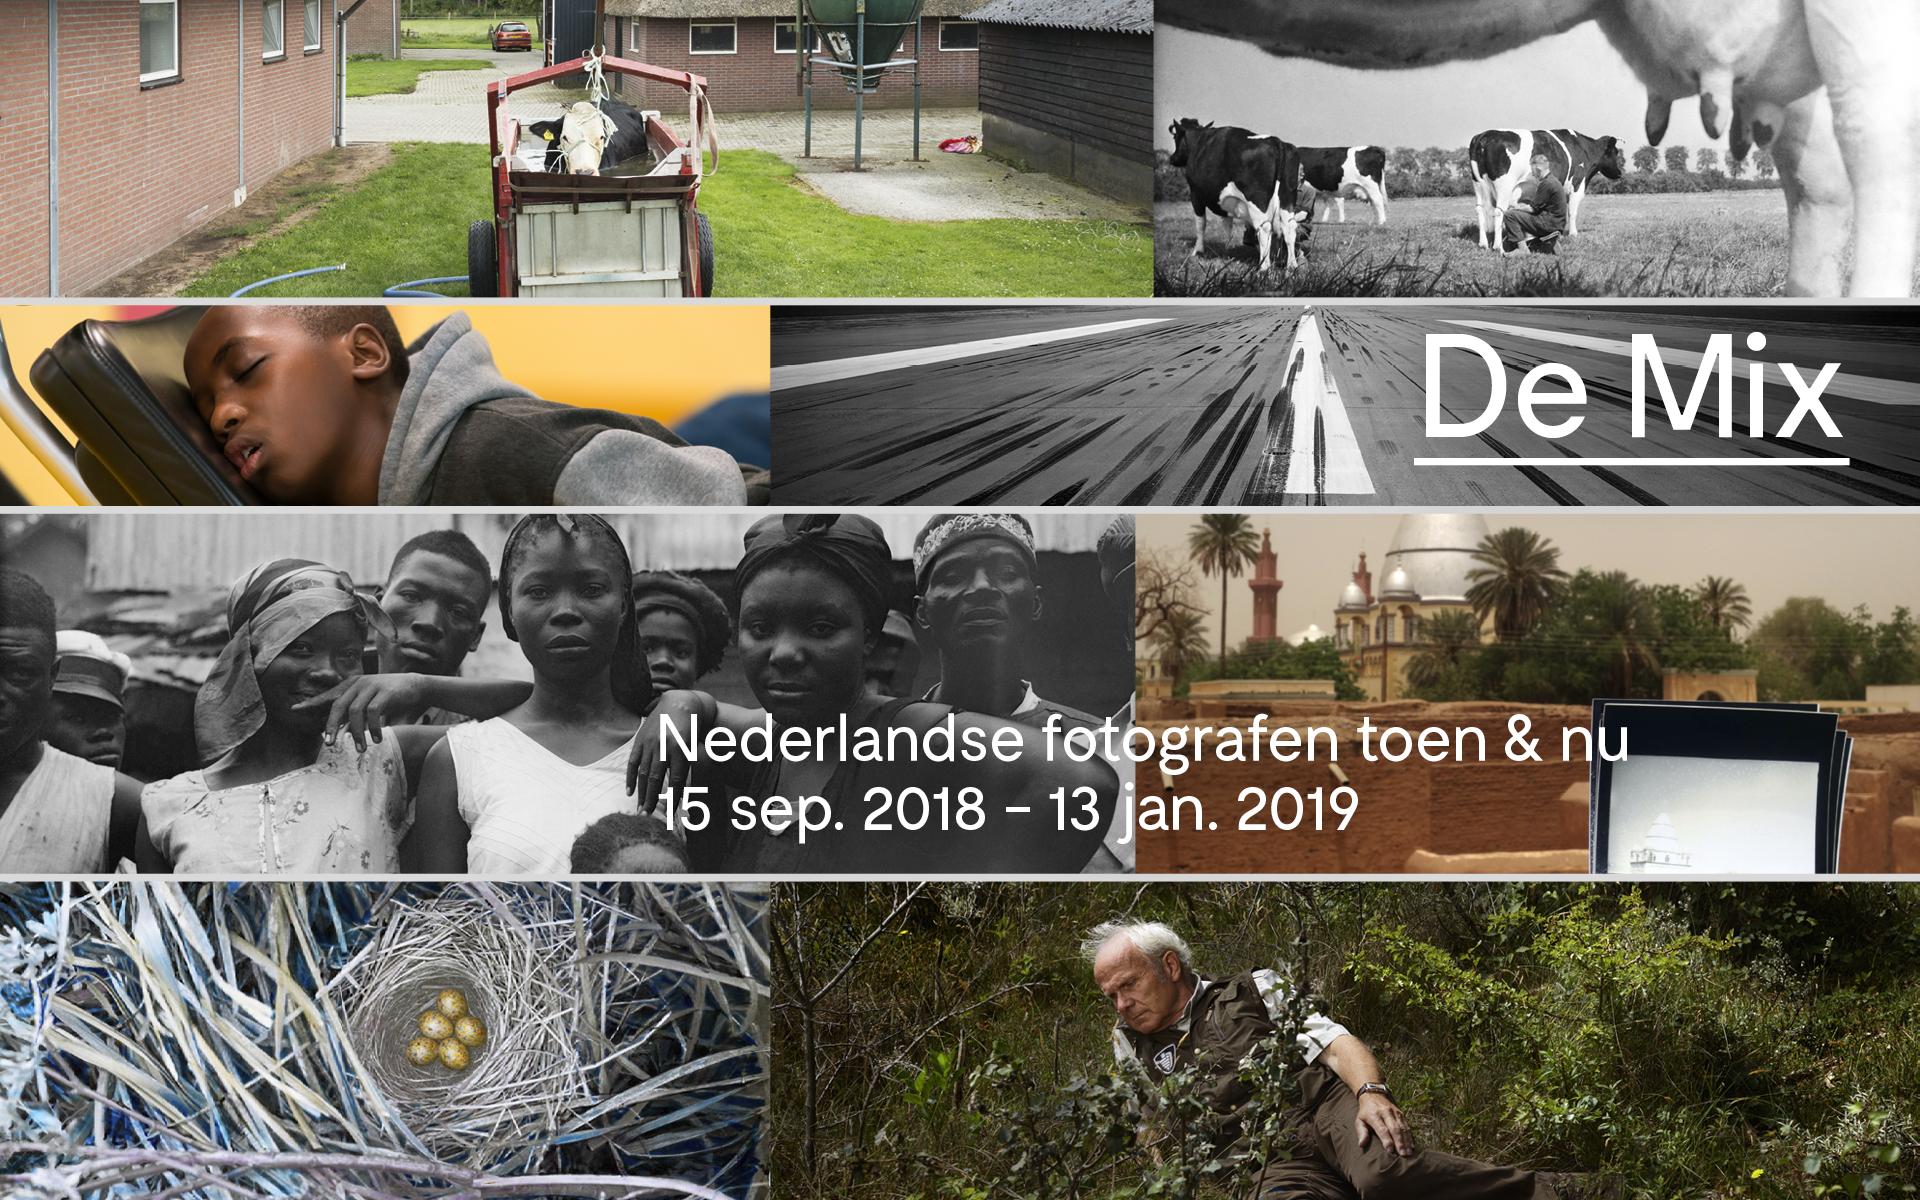 de-mix-nederlandse-fotografen